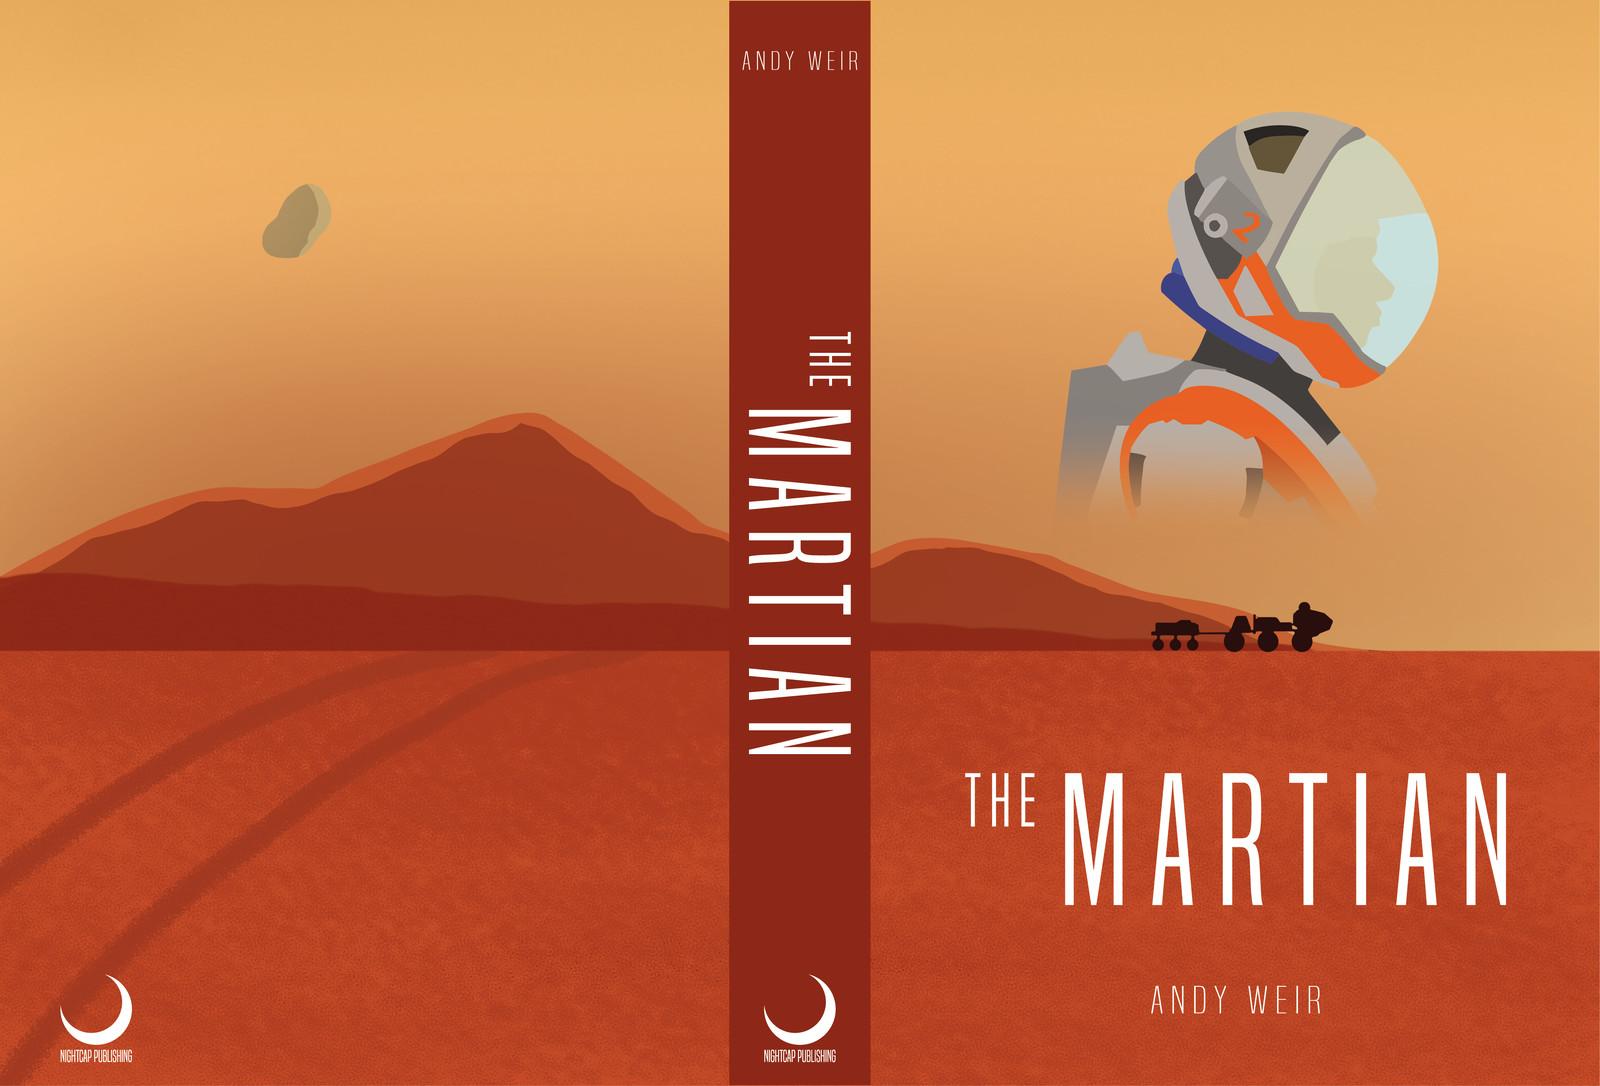 The Martian - Book Cover Design